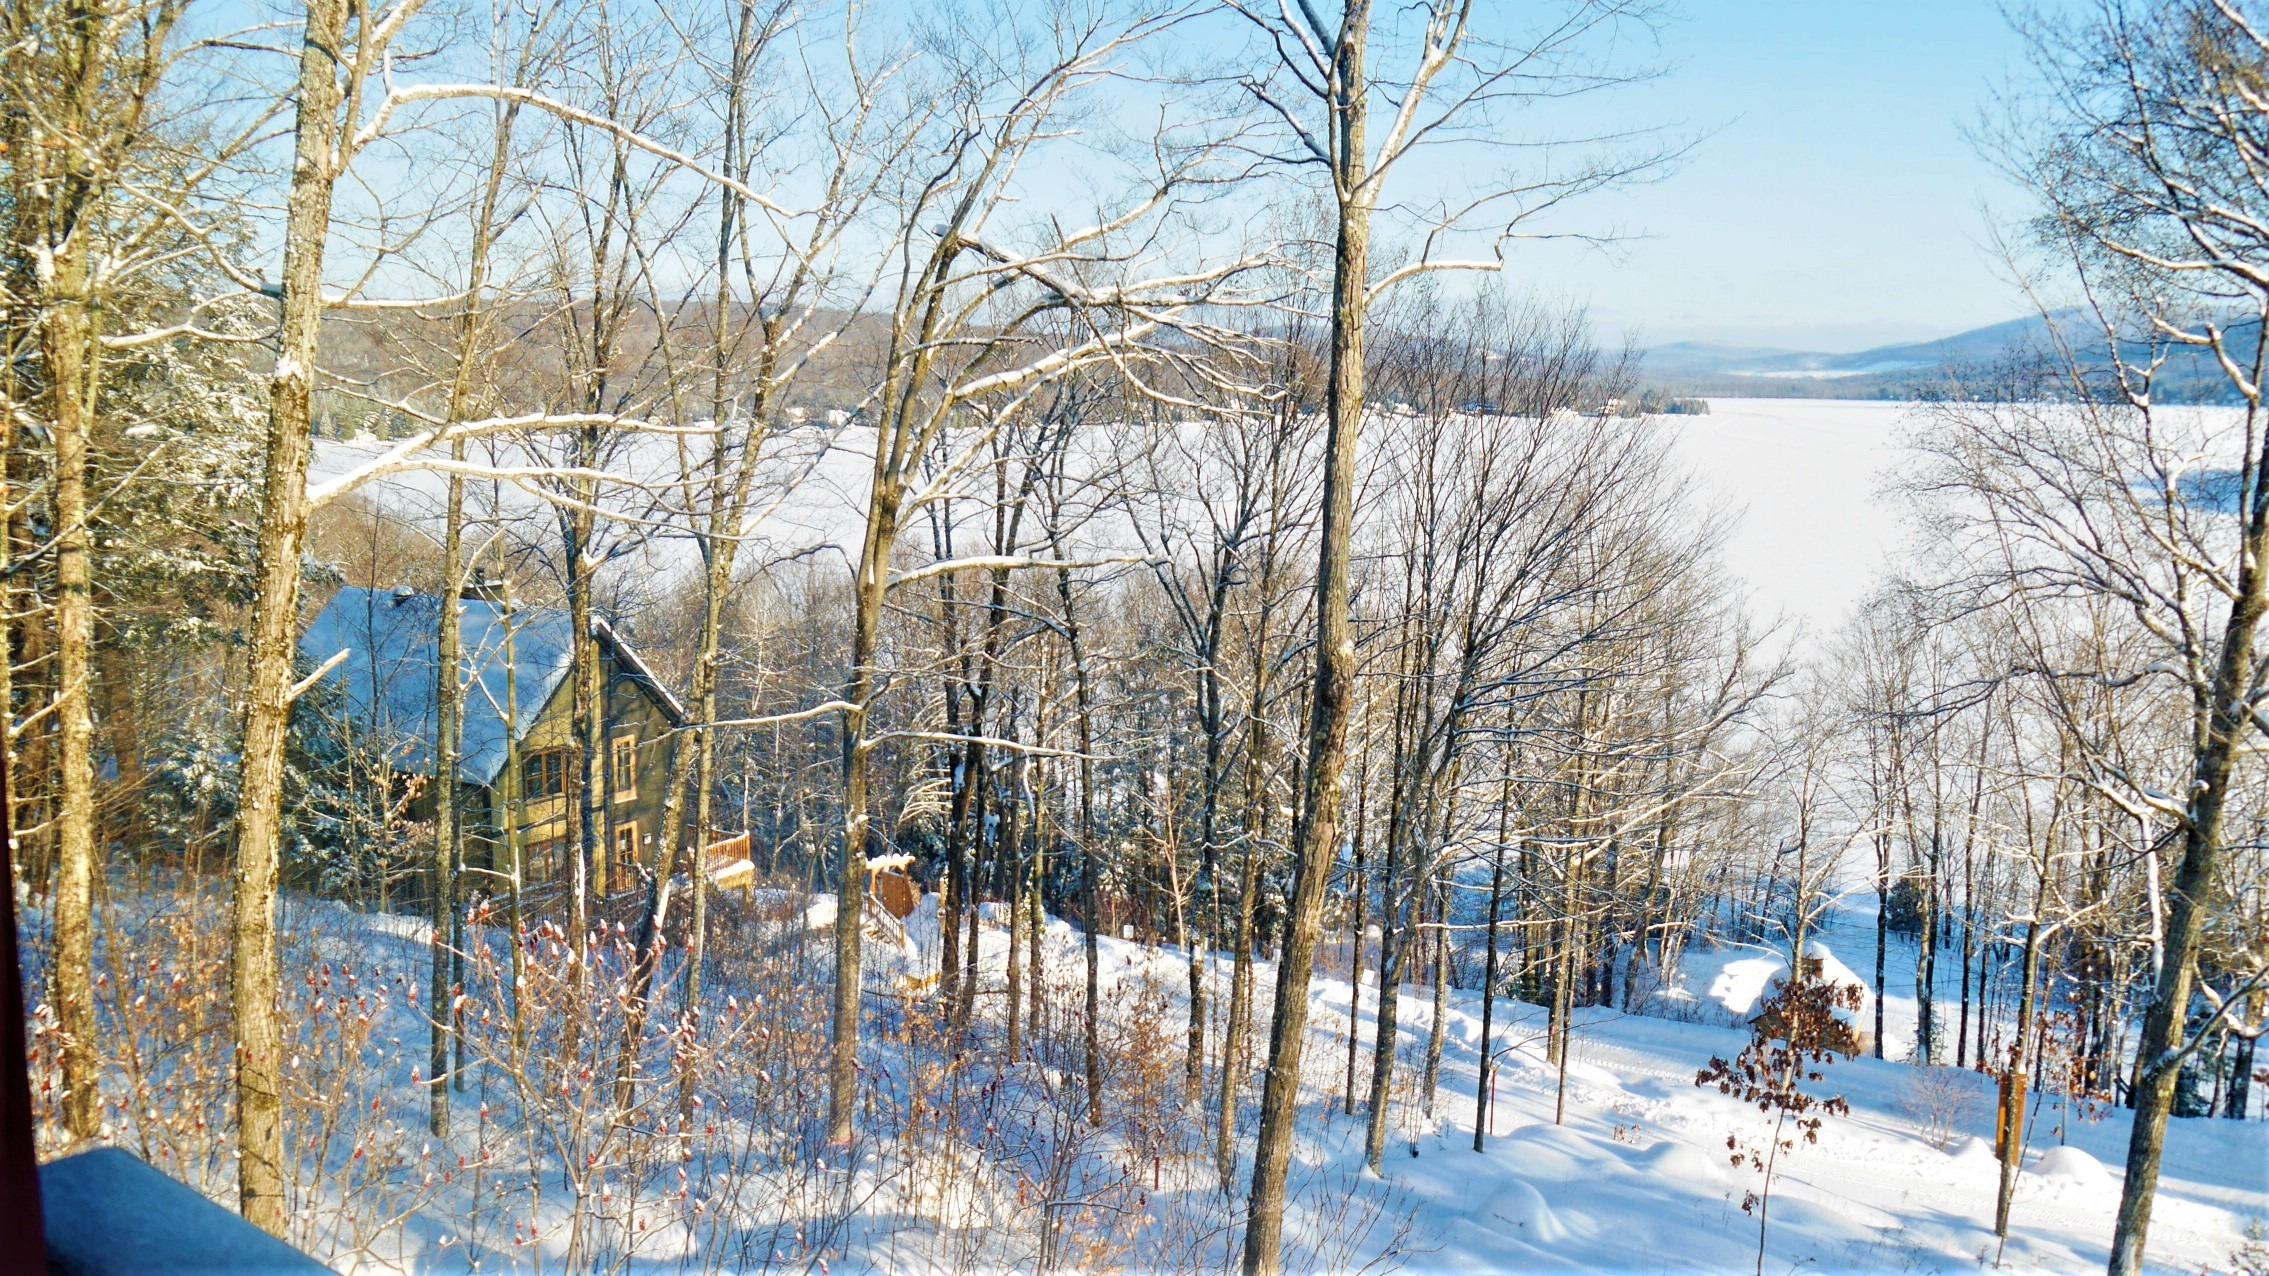 Quebec Station touristique duchesnay auberge ou dormir blog voyage canada hiver arpenter le chemin